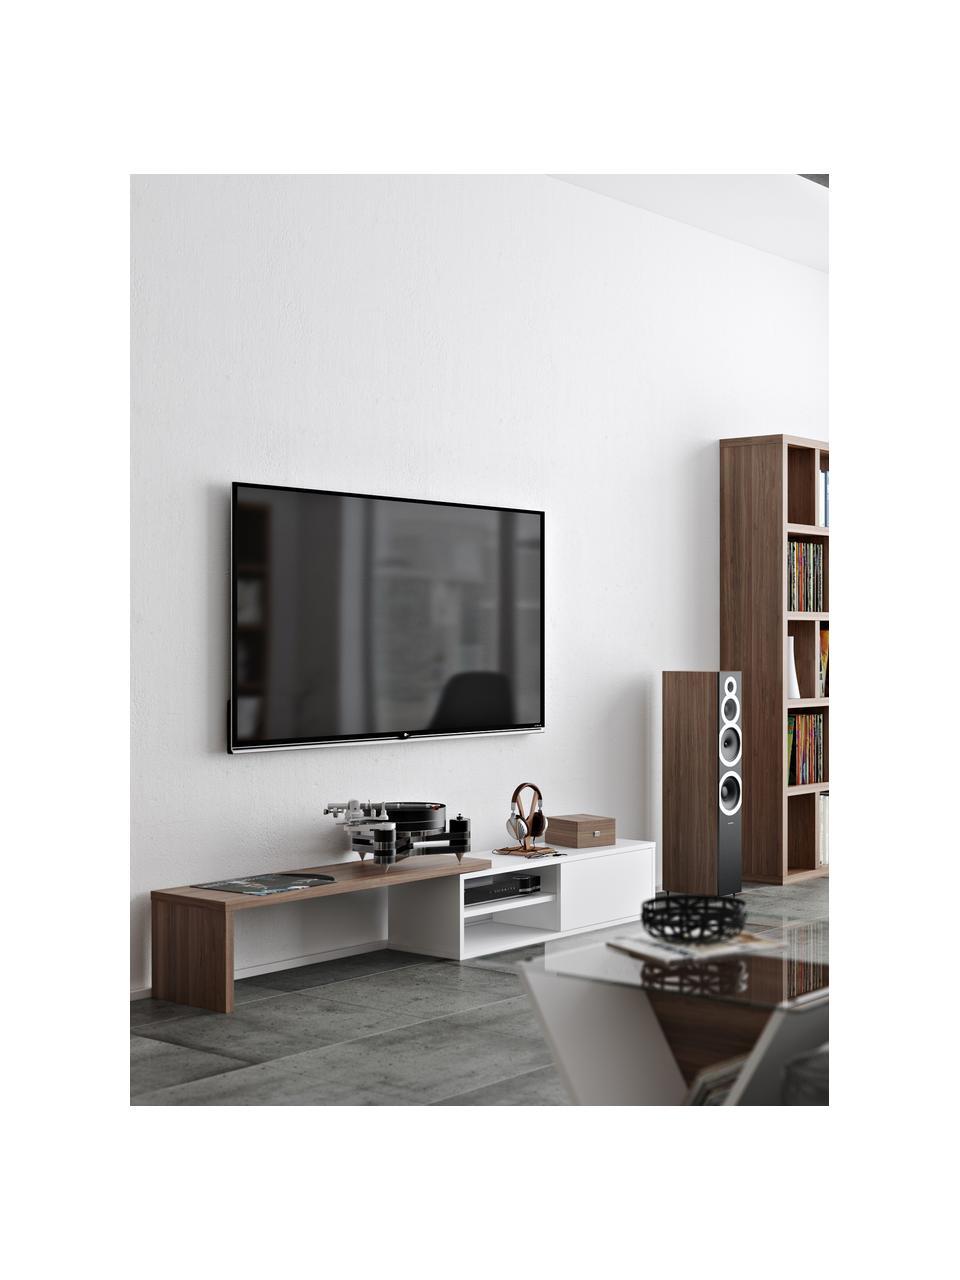 Wysuwana szafka RTV z przesuwanymi drzwiczkami  Lieke, Drewno orzecha włoskiego, biały, S 110 do 203 x W 32 cm